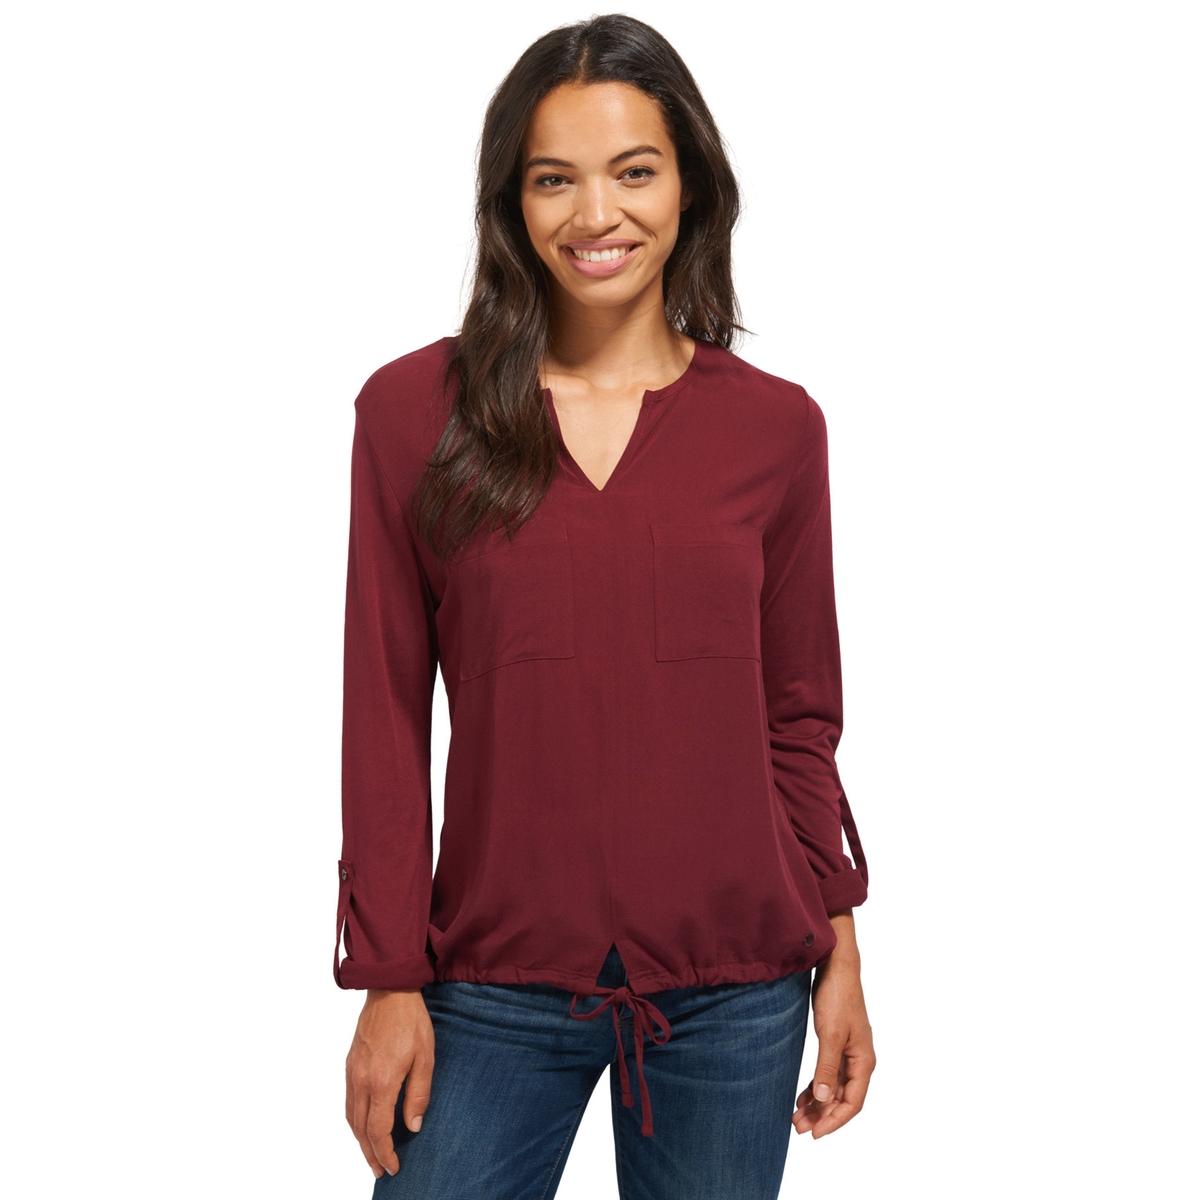 Блузка однотонная с V-образным вырезом и длинными рукавами tom tailor блузка tom tailor 203140400752647